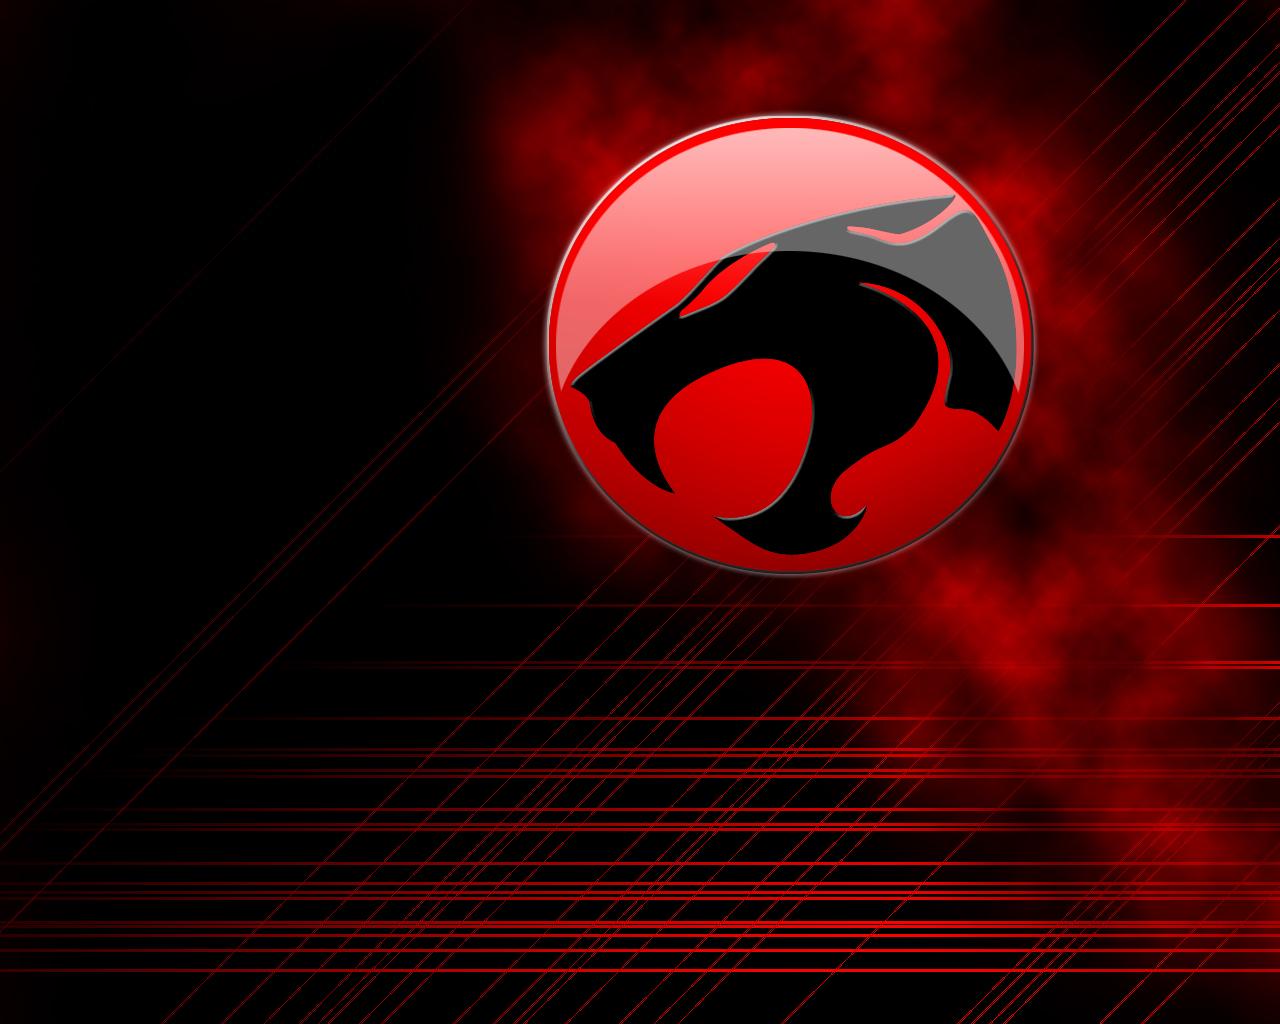 Red Logo Thundercats Wallpaper HD Wallpaper 3D 1280x1024